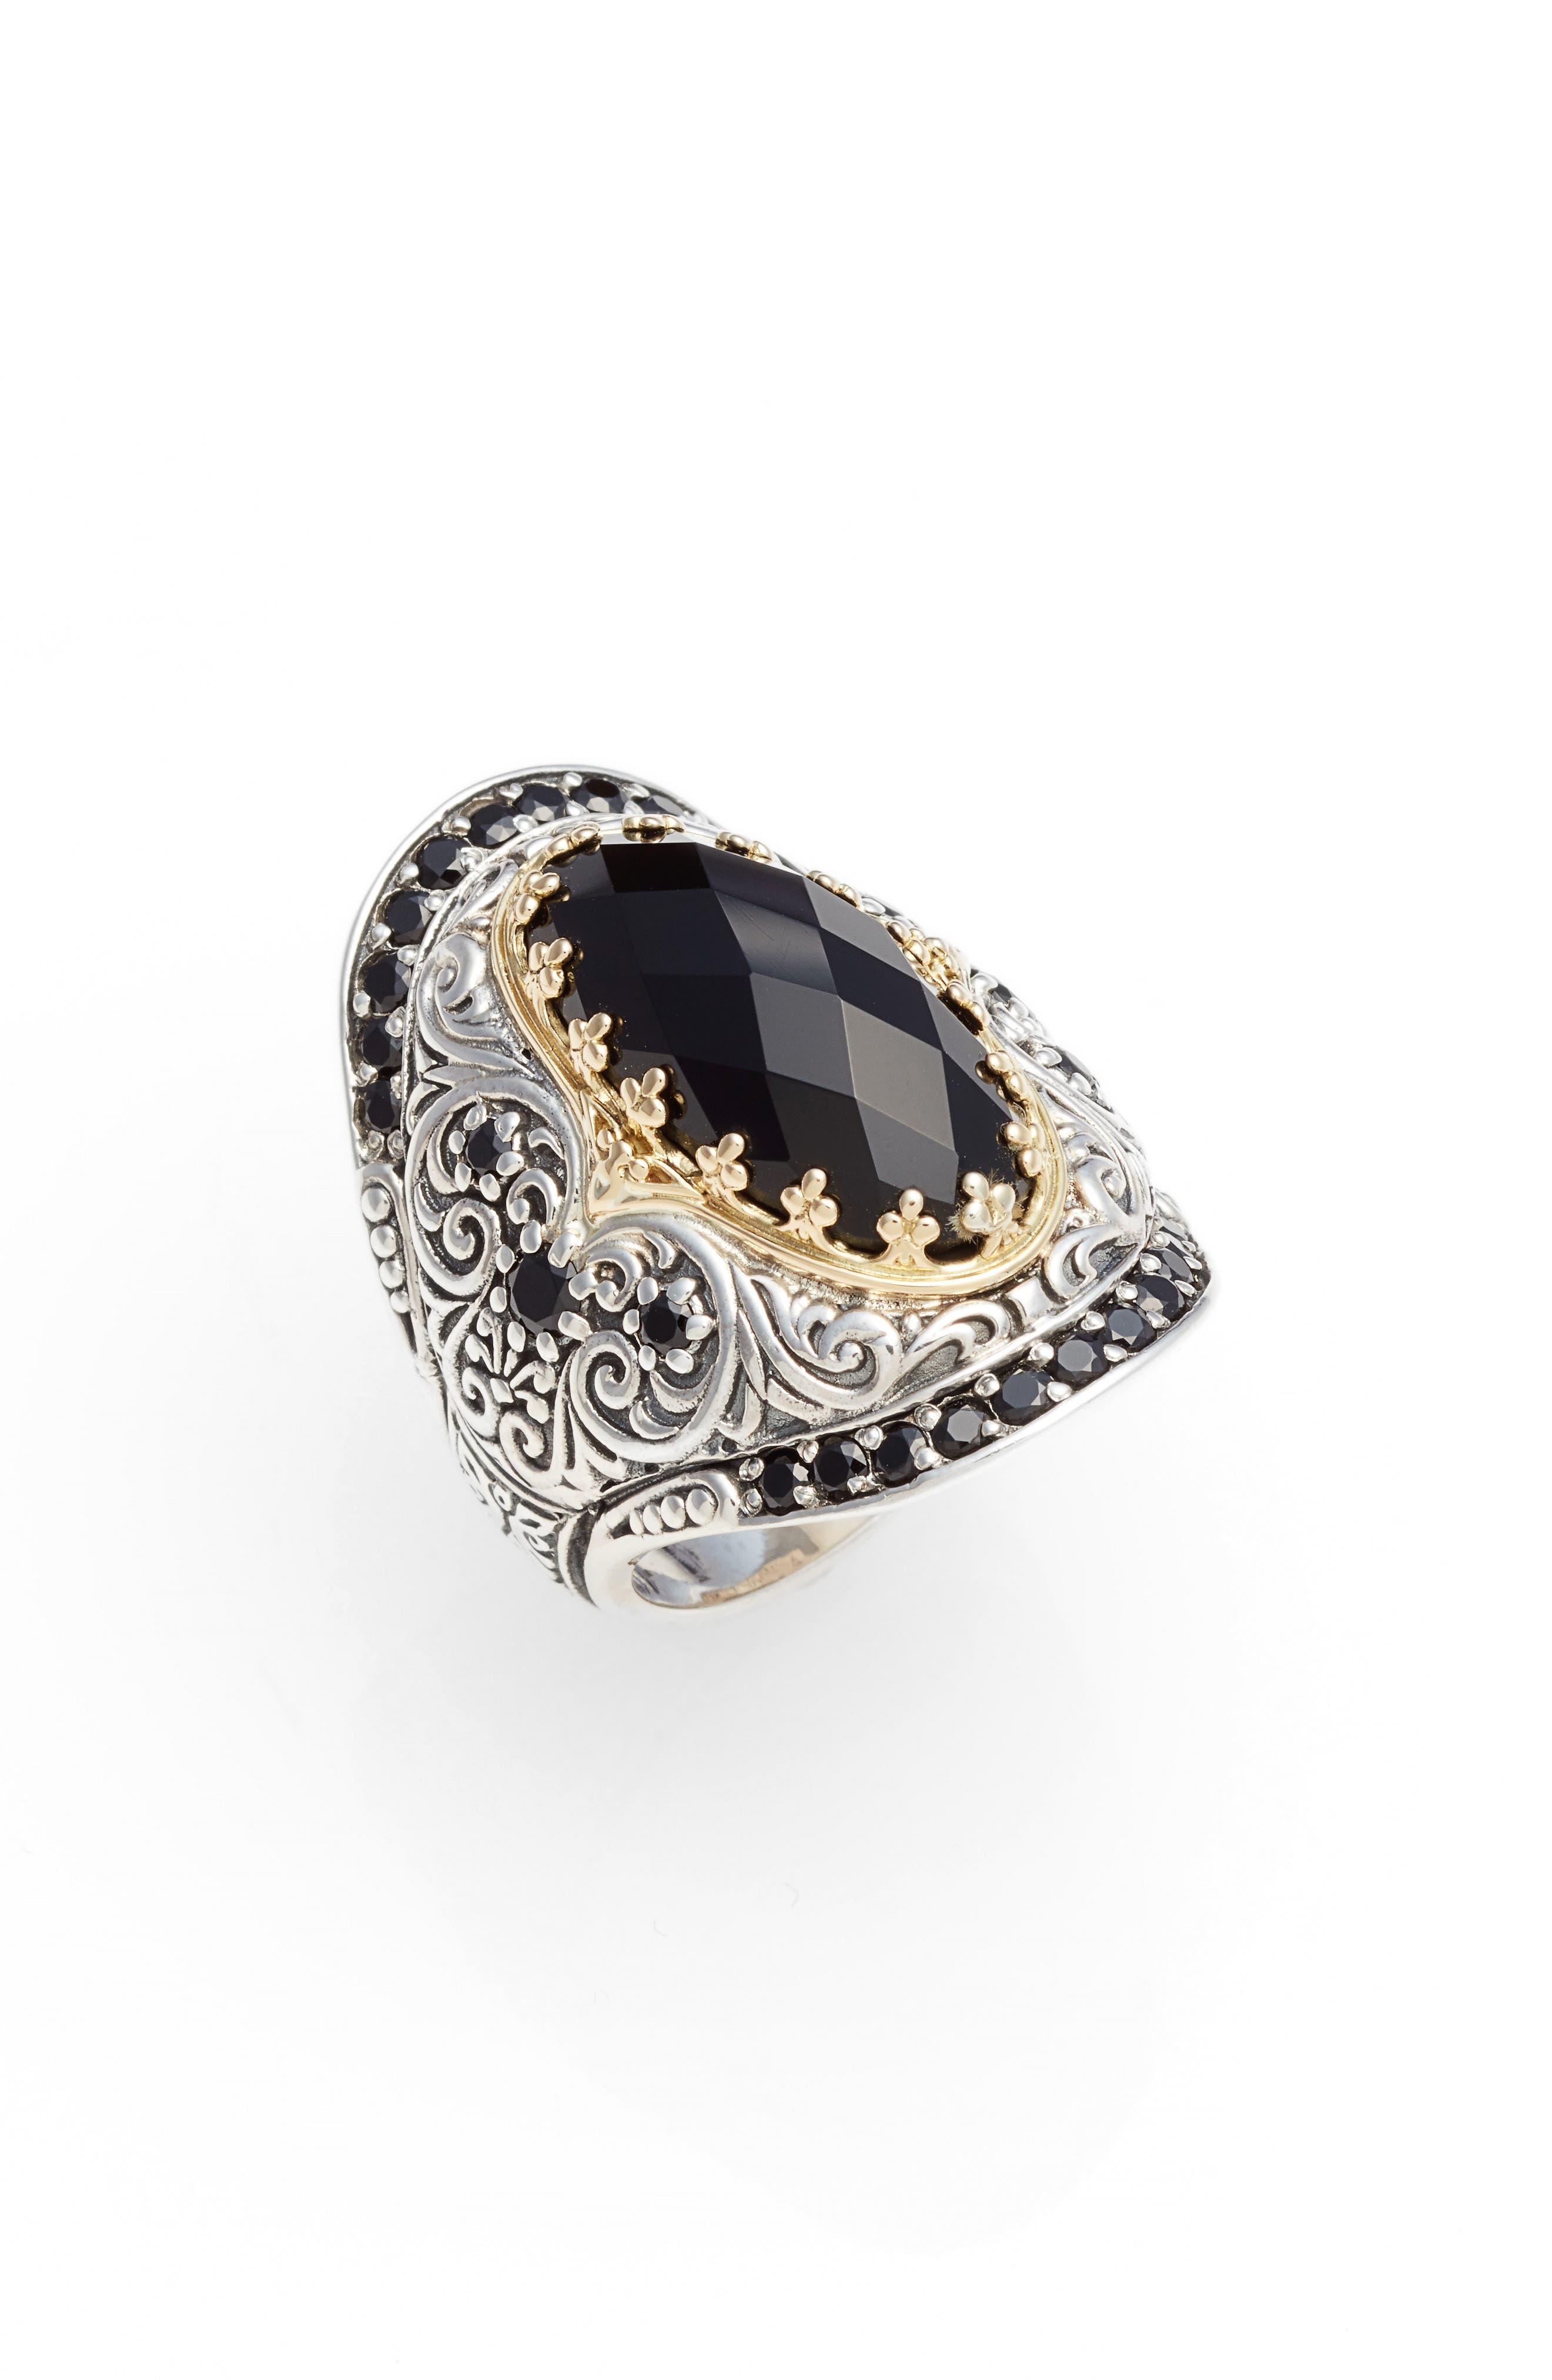 Selene Saddle Ring,                             Main thumbnail 1, color,                             SILVER/ GOLD/ BLACK